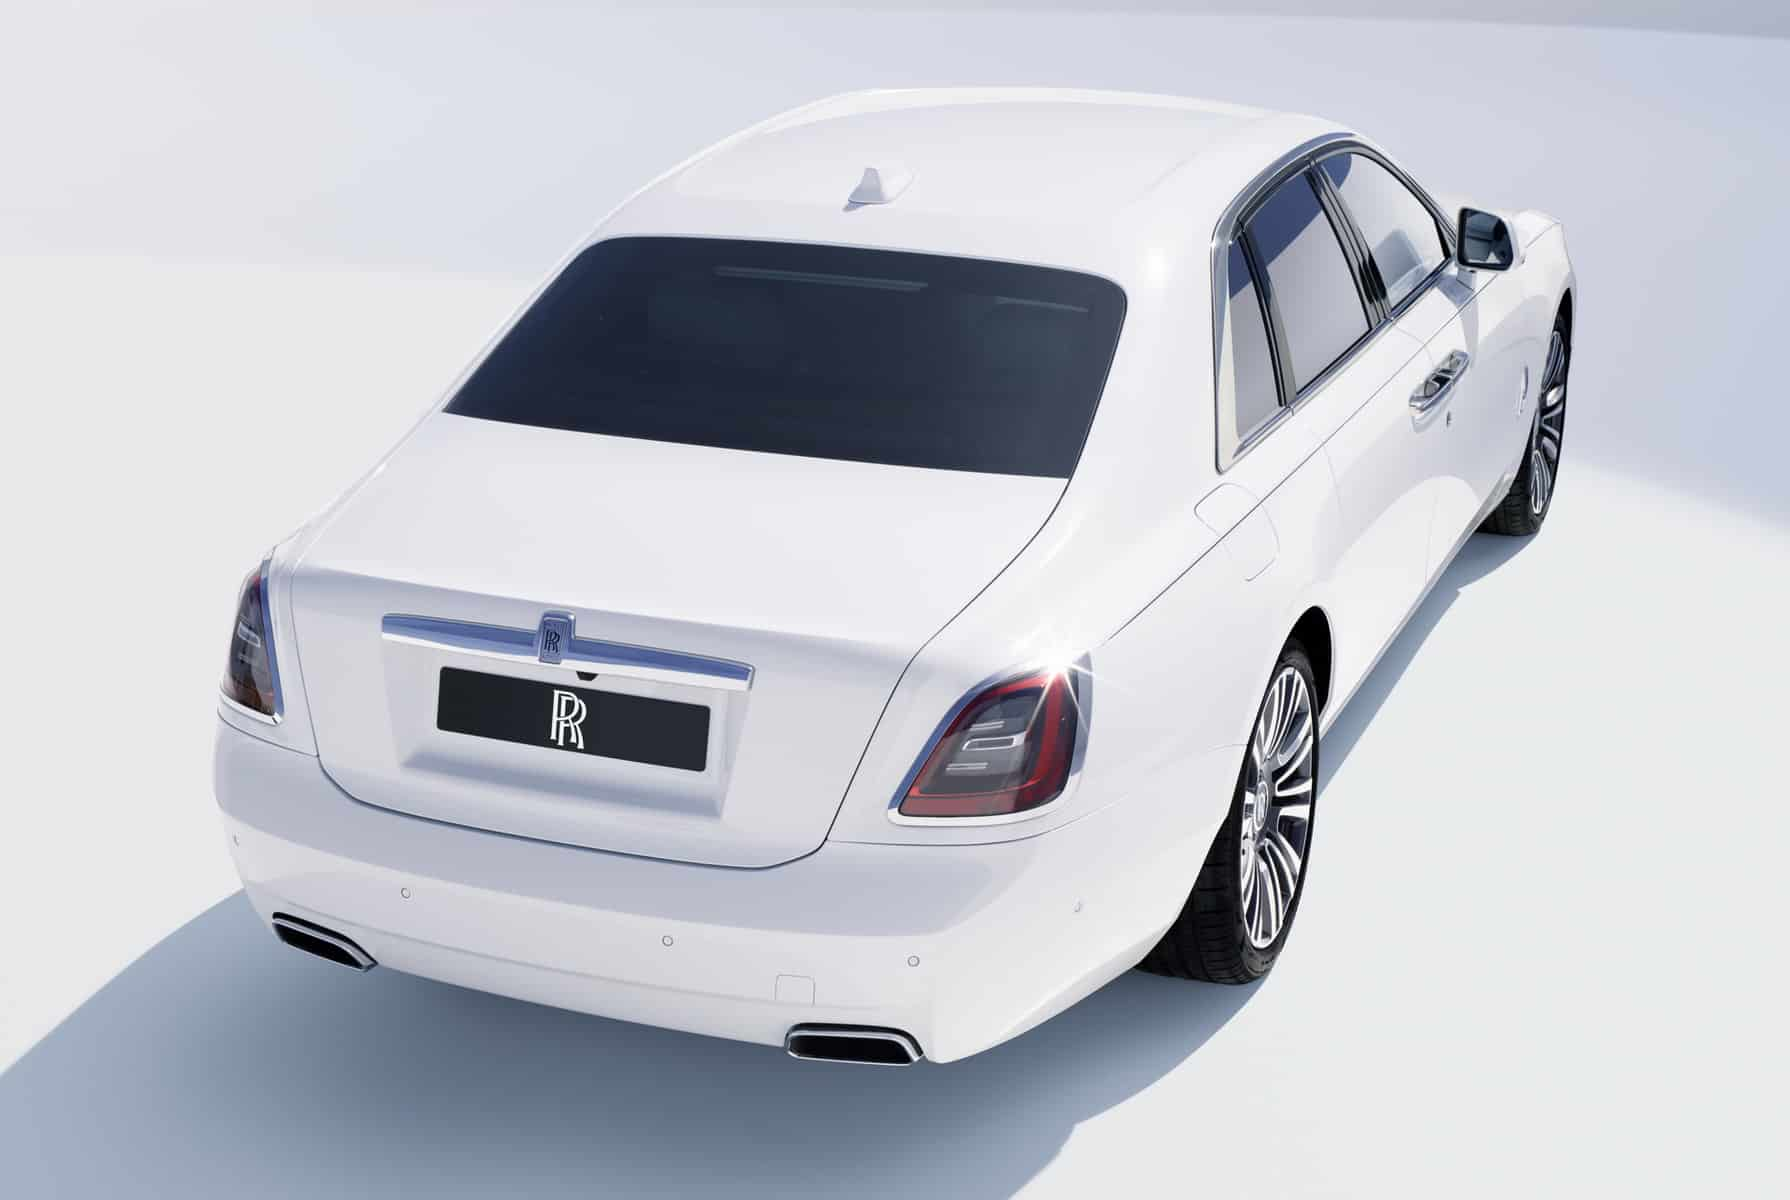 2021 Rolls-Royce Ghost 2